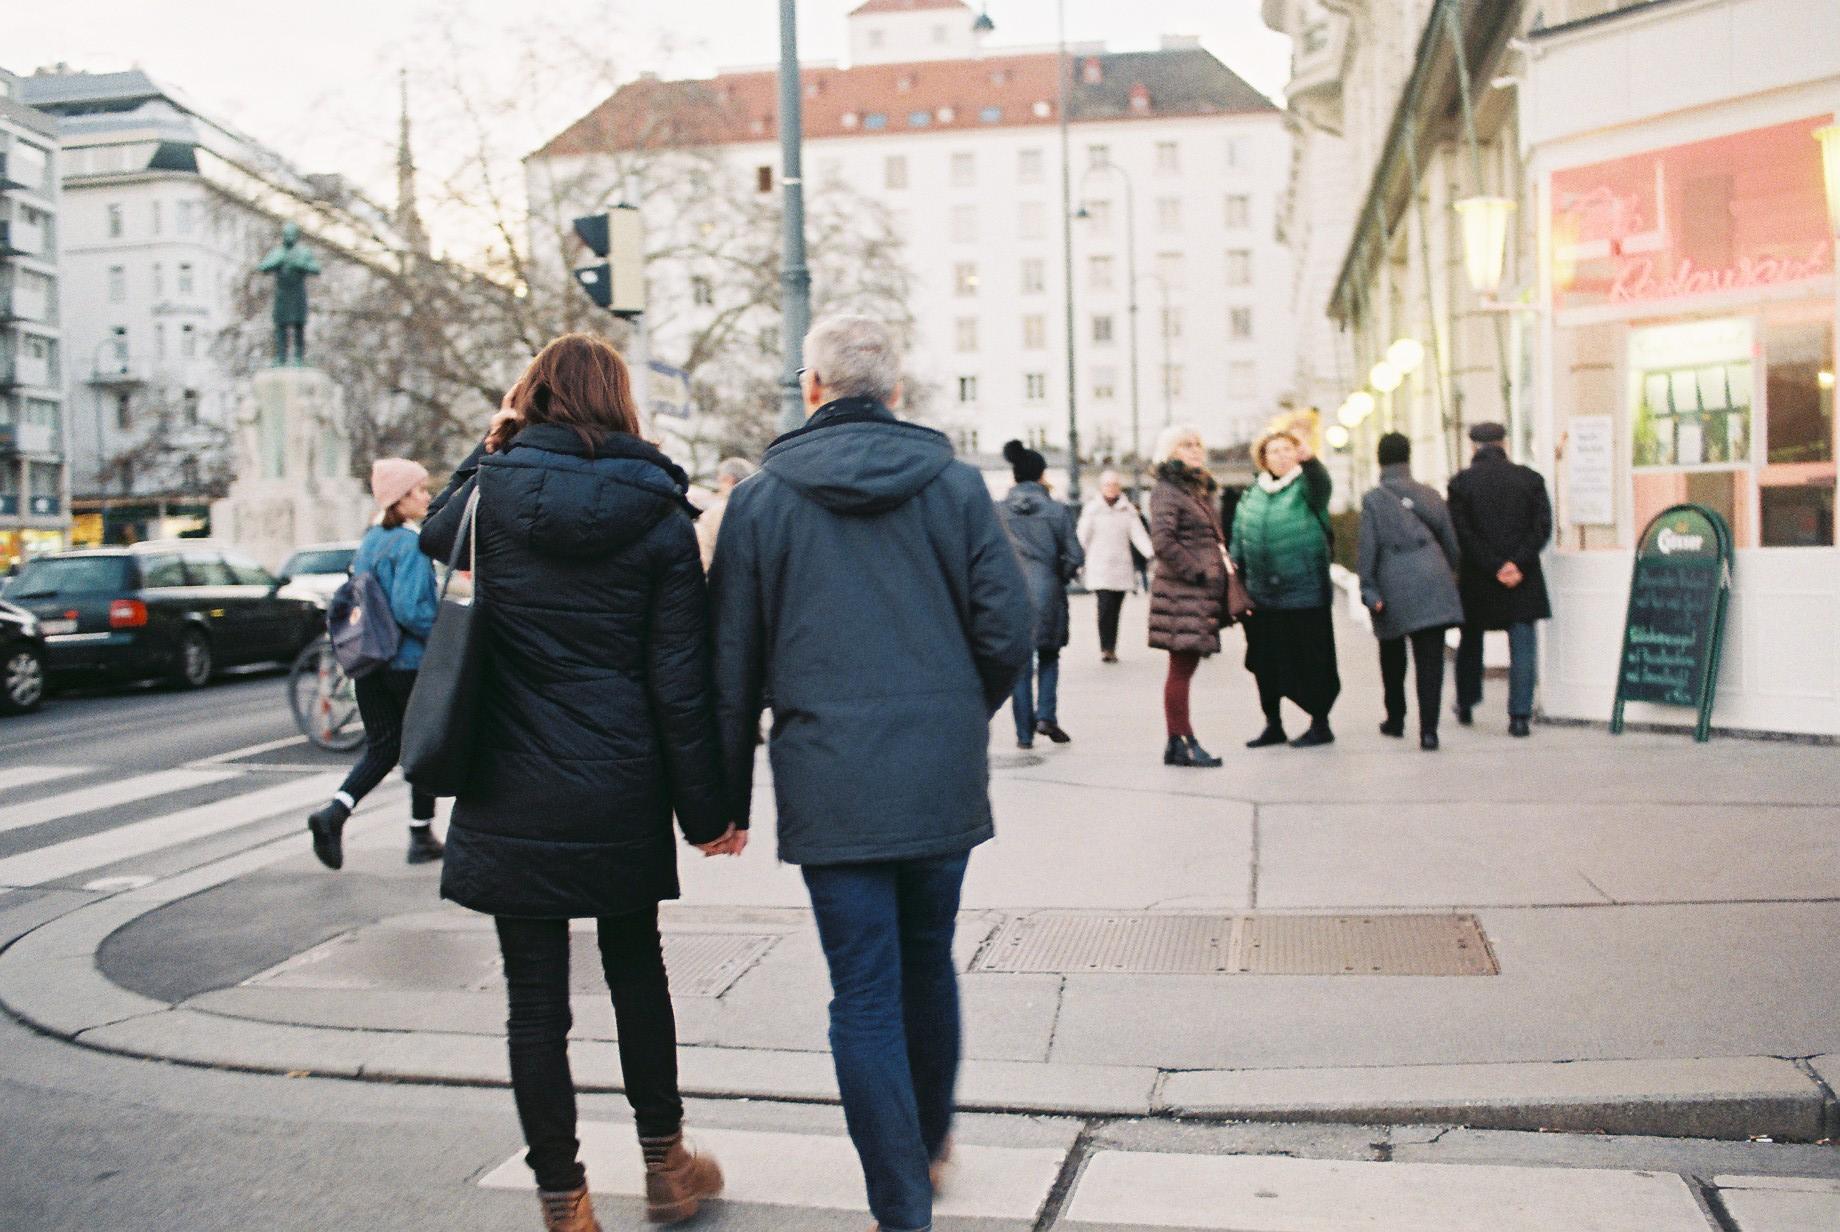 12.31_Wien_14